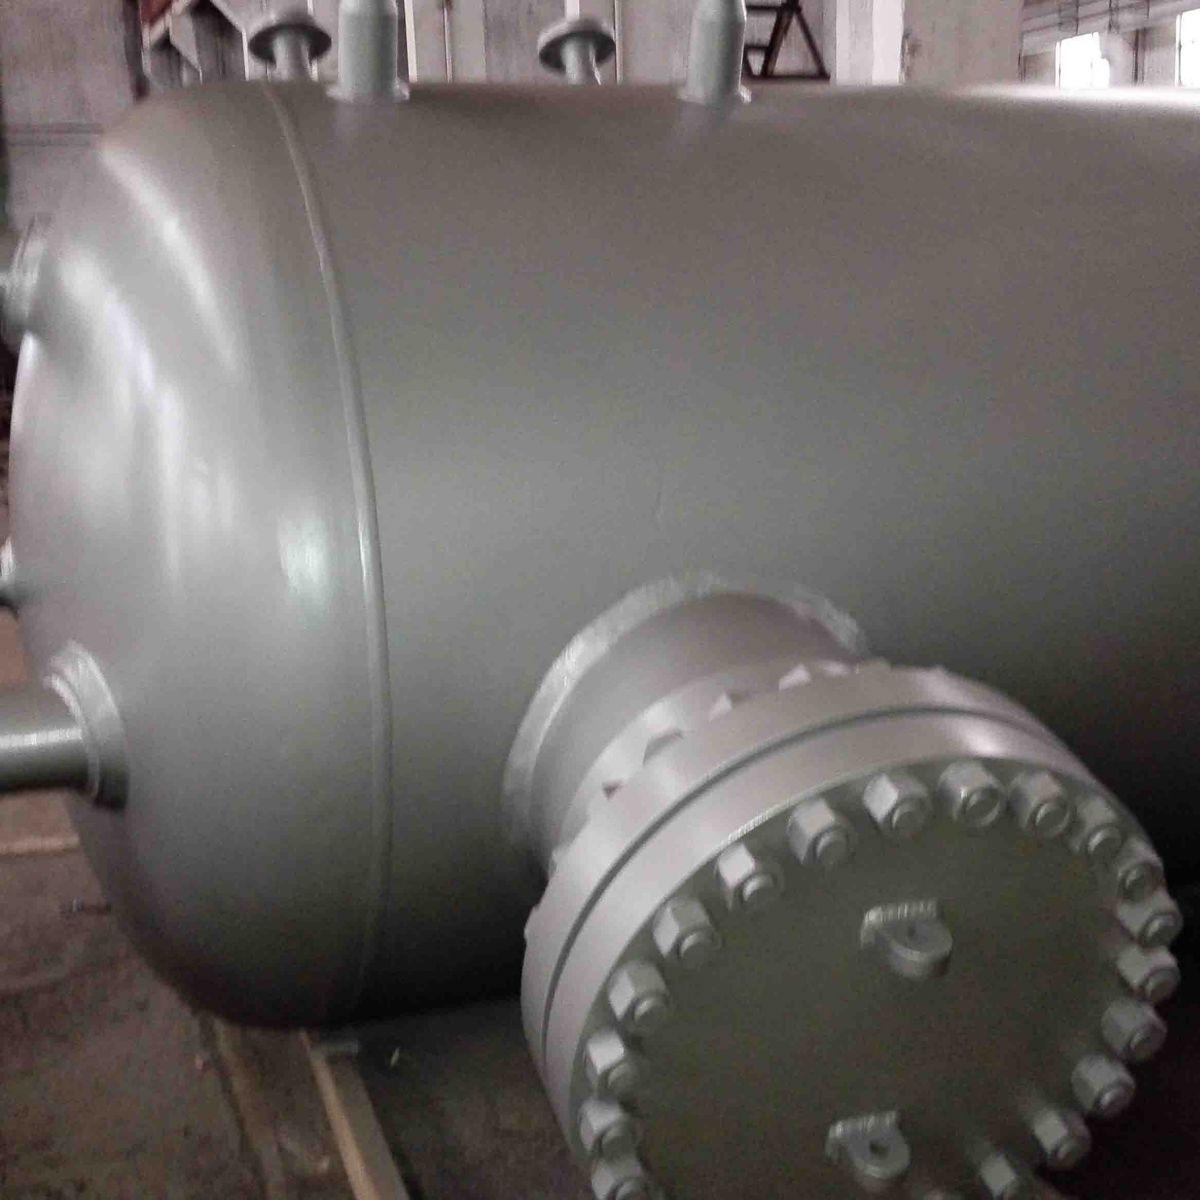 Industrial Vapor Liquid Vertical Separator, Q345R, GB150, 1.6MPa